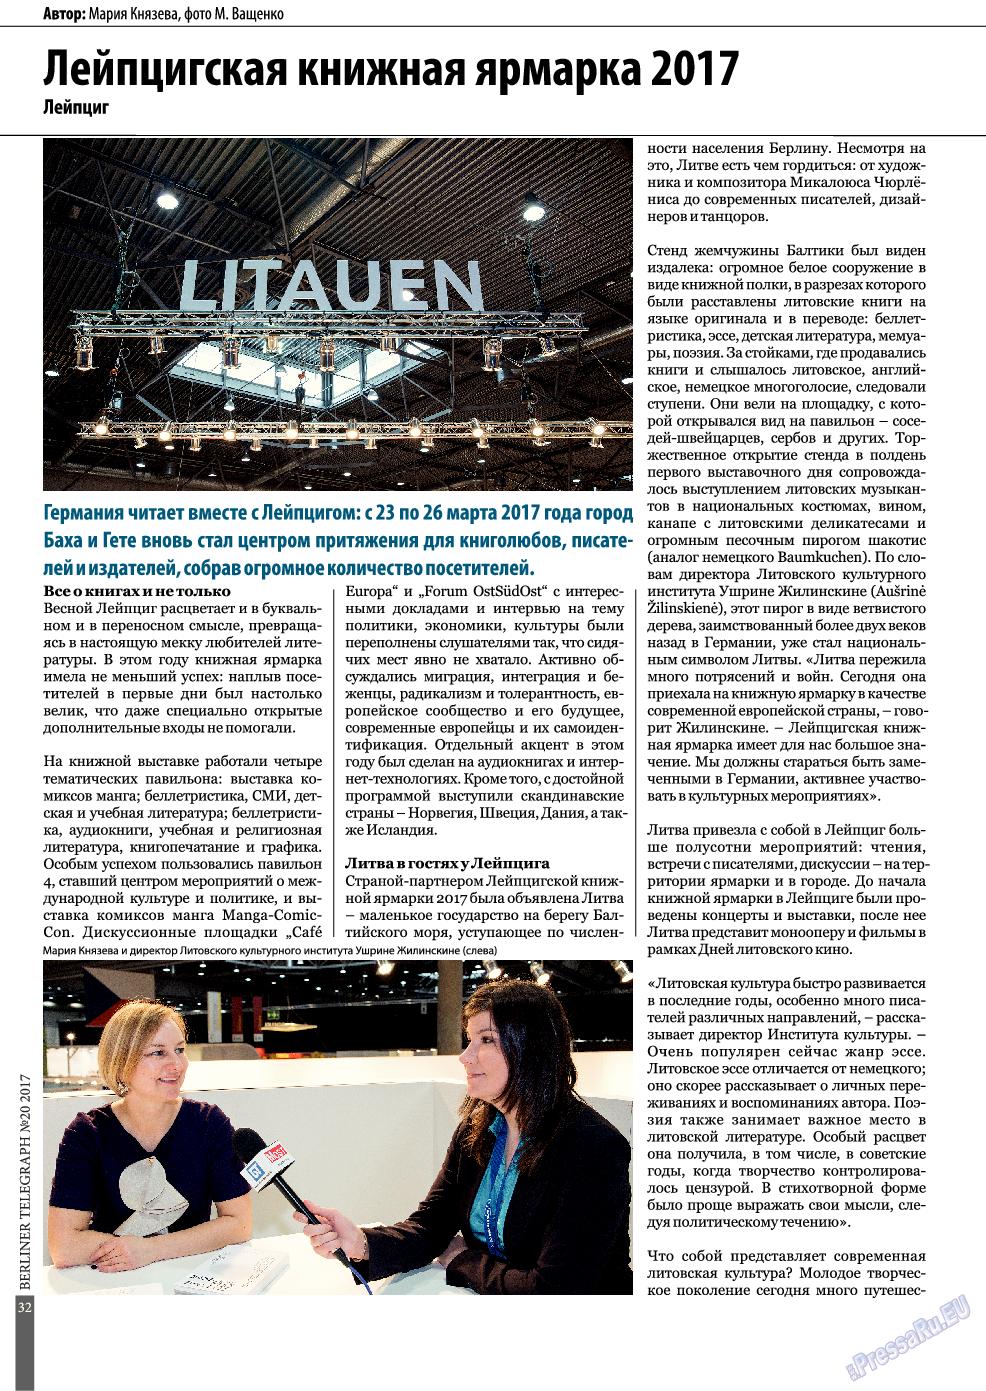 Берлинский телеграф (журнал). 2017 год, номер 20, стр. 32